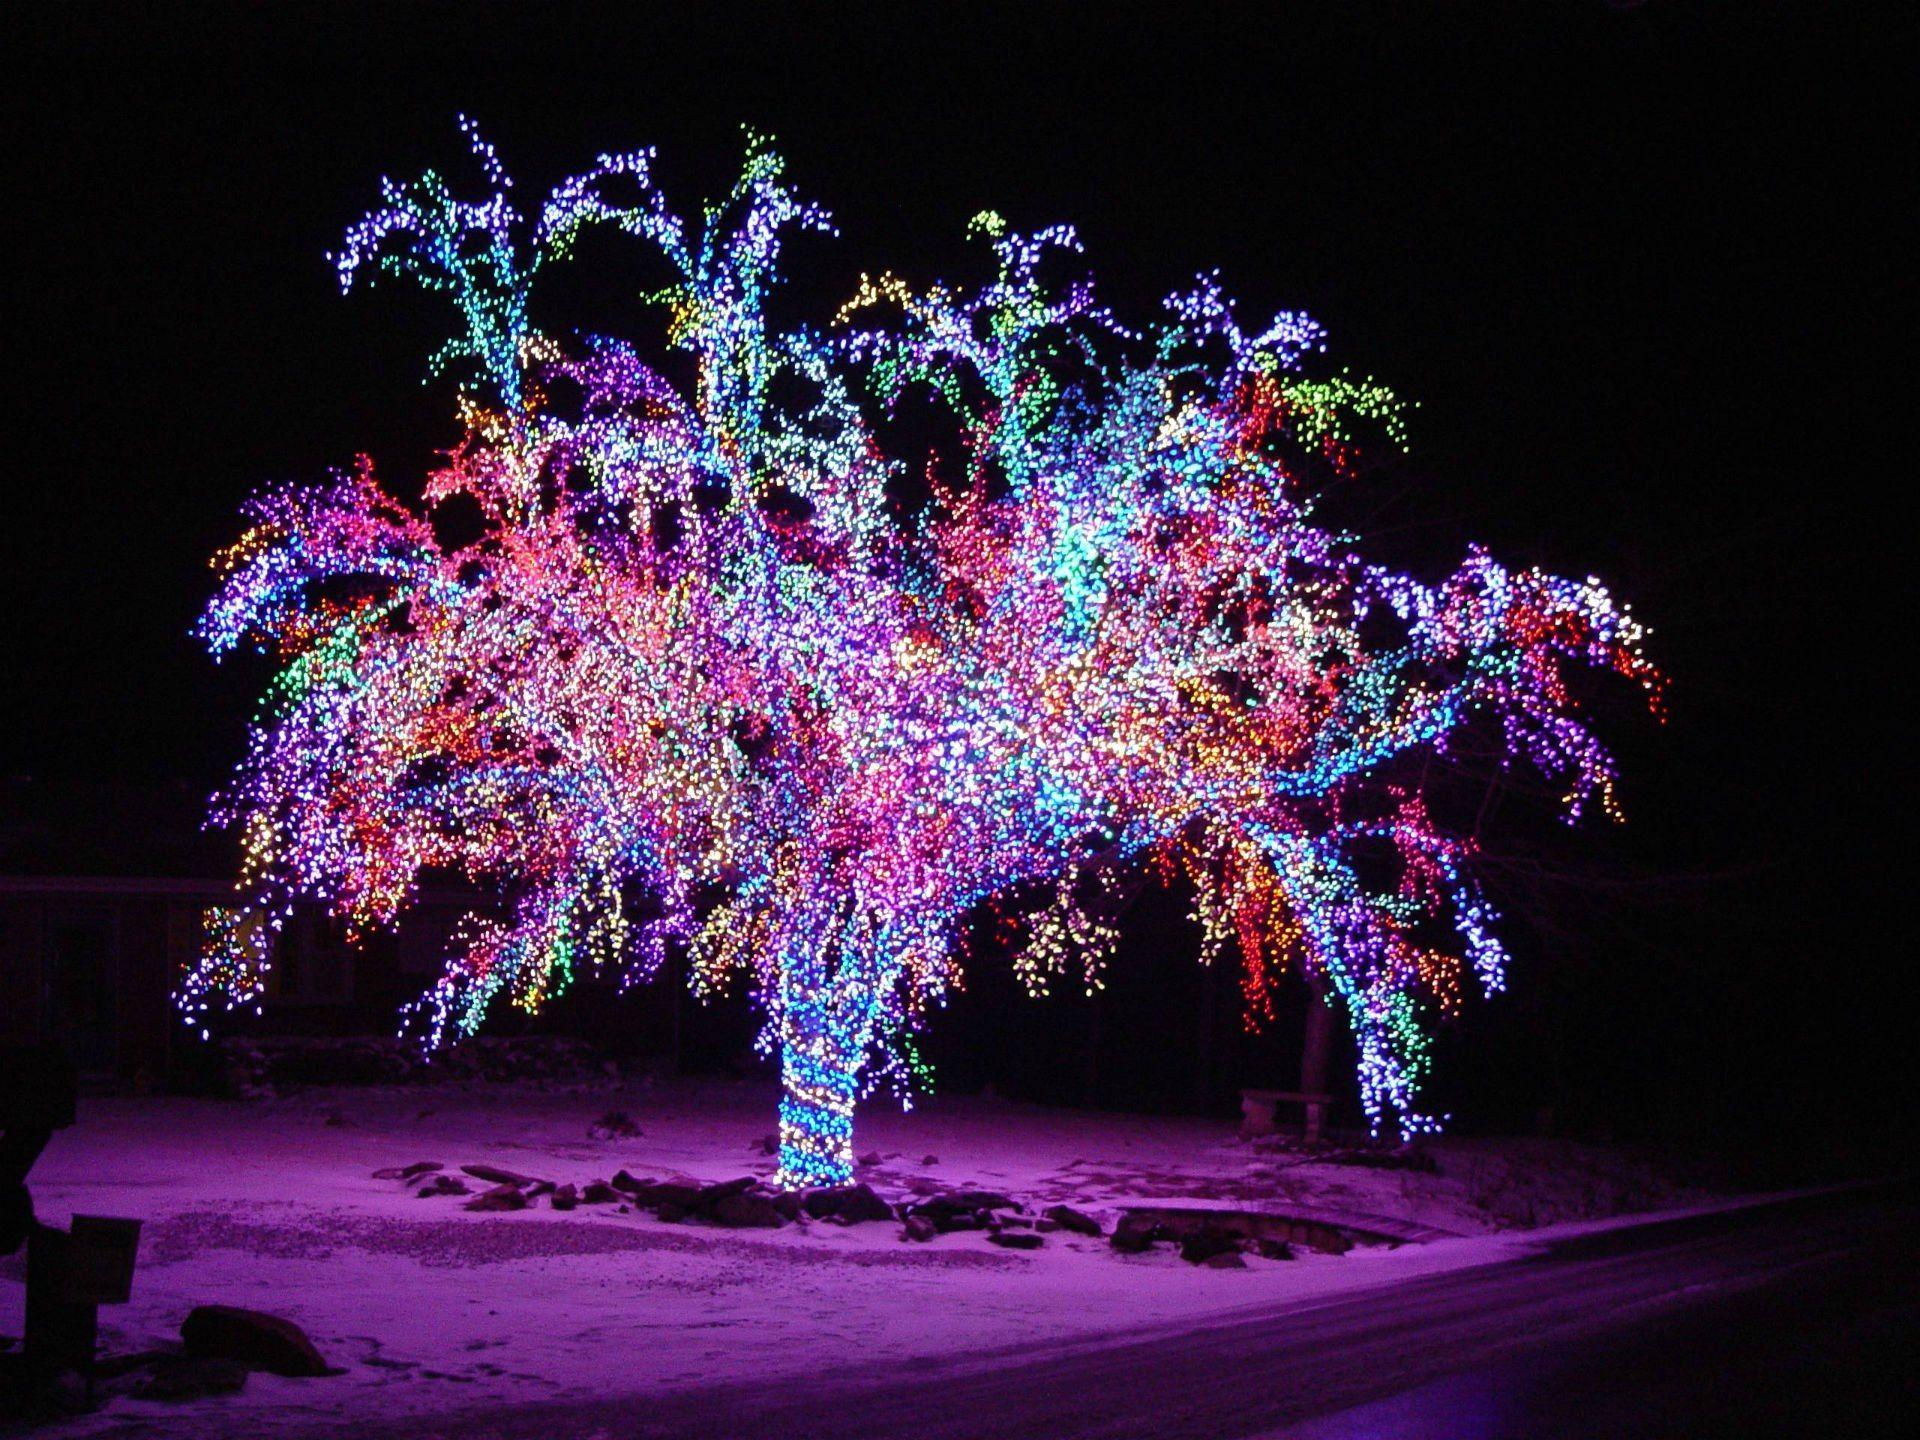 christmas kerstbomen buiten kerst kerstversieringen vrolijk kerstfeest kerstvakantie decoratieve verlichting